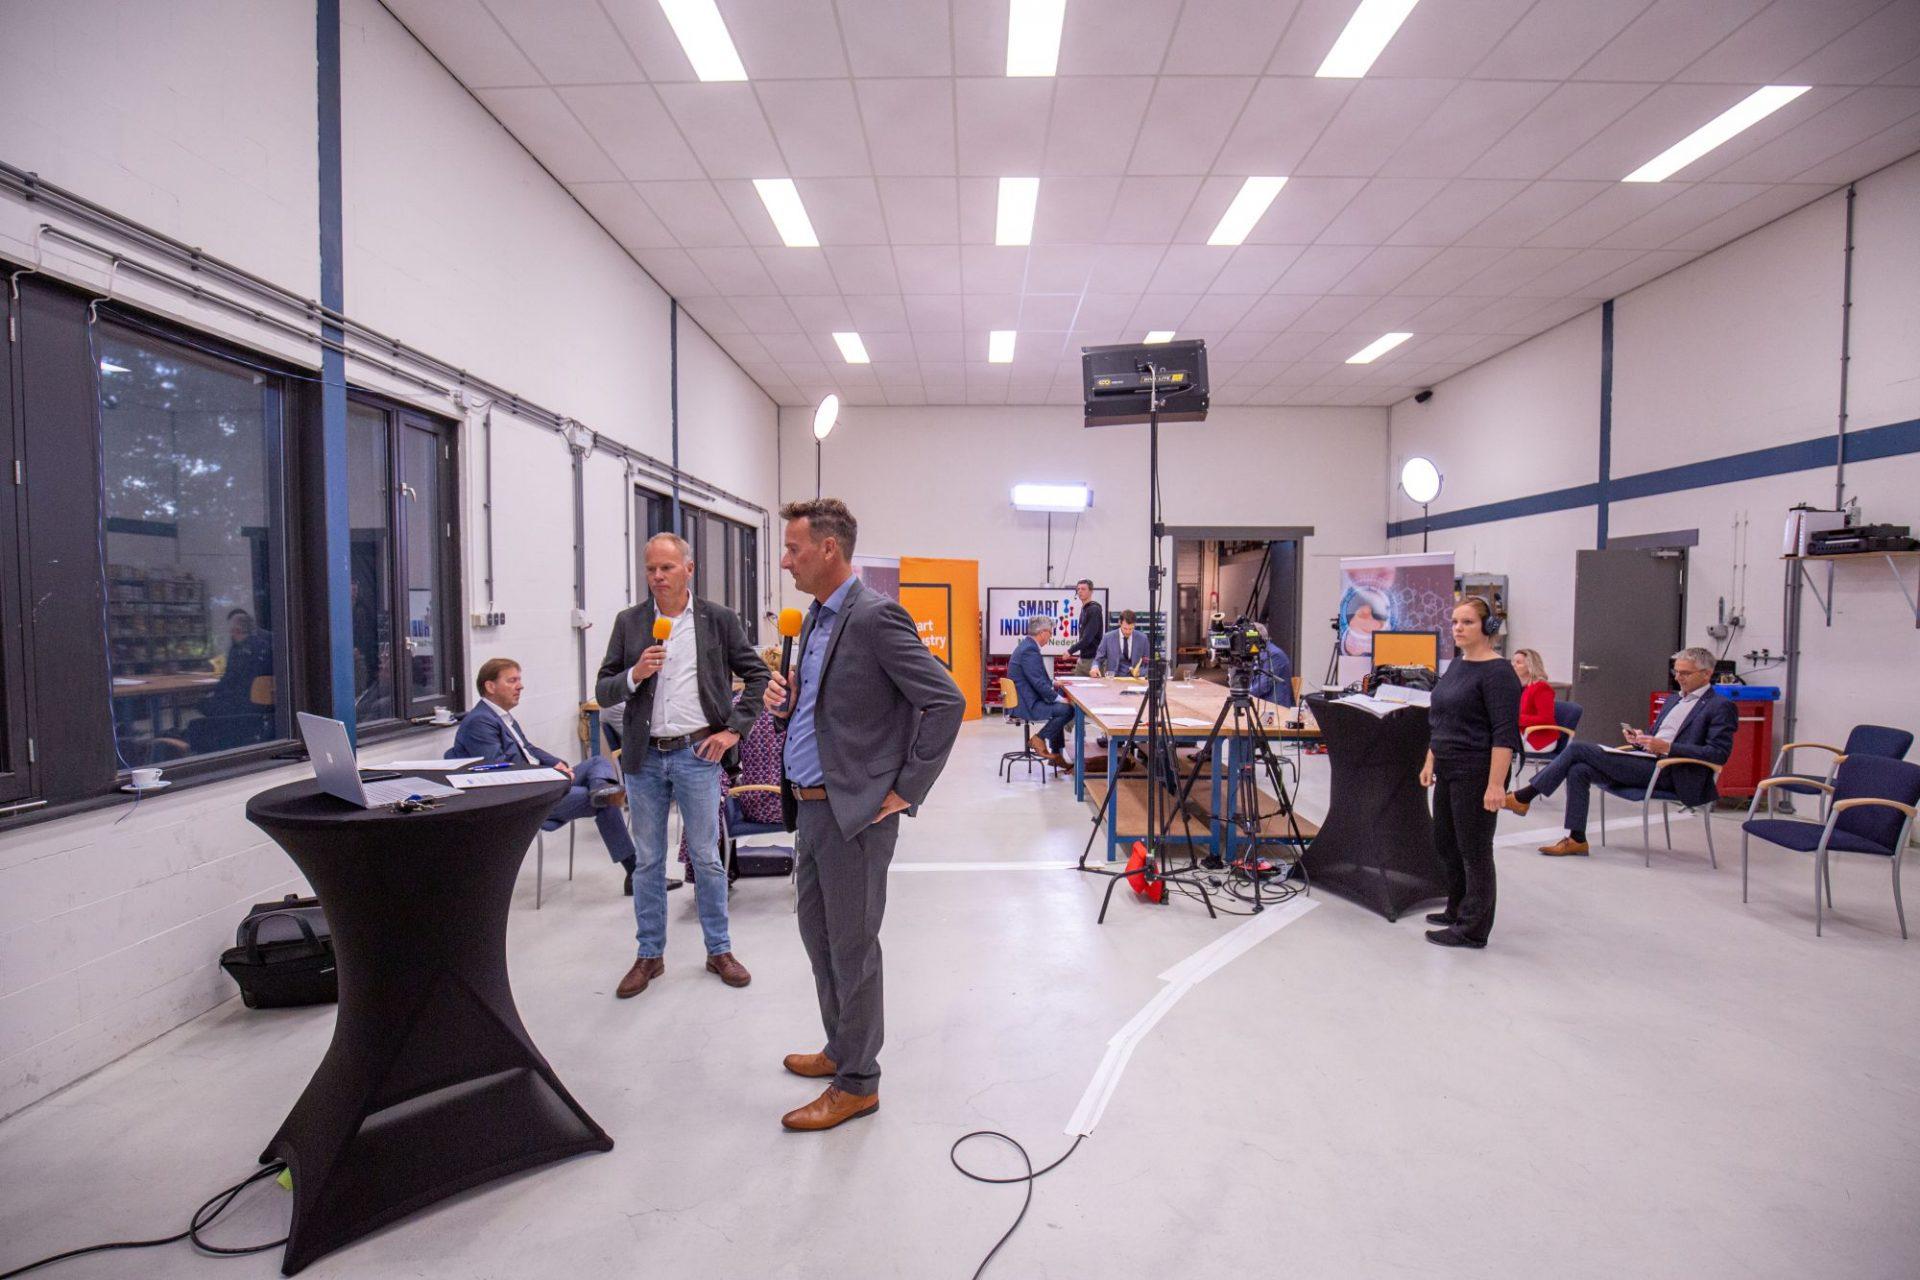 Recordbelangstelling voor de kick-off van de Smart Industry Hub Noord Nederland